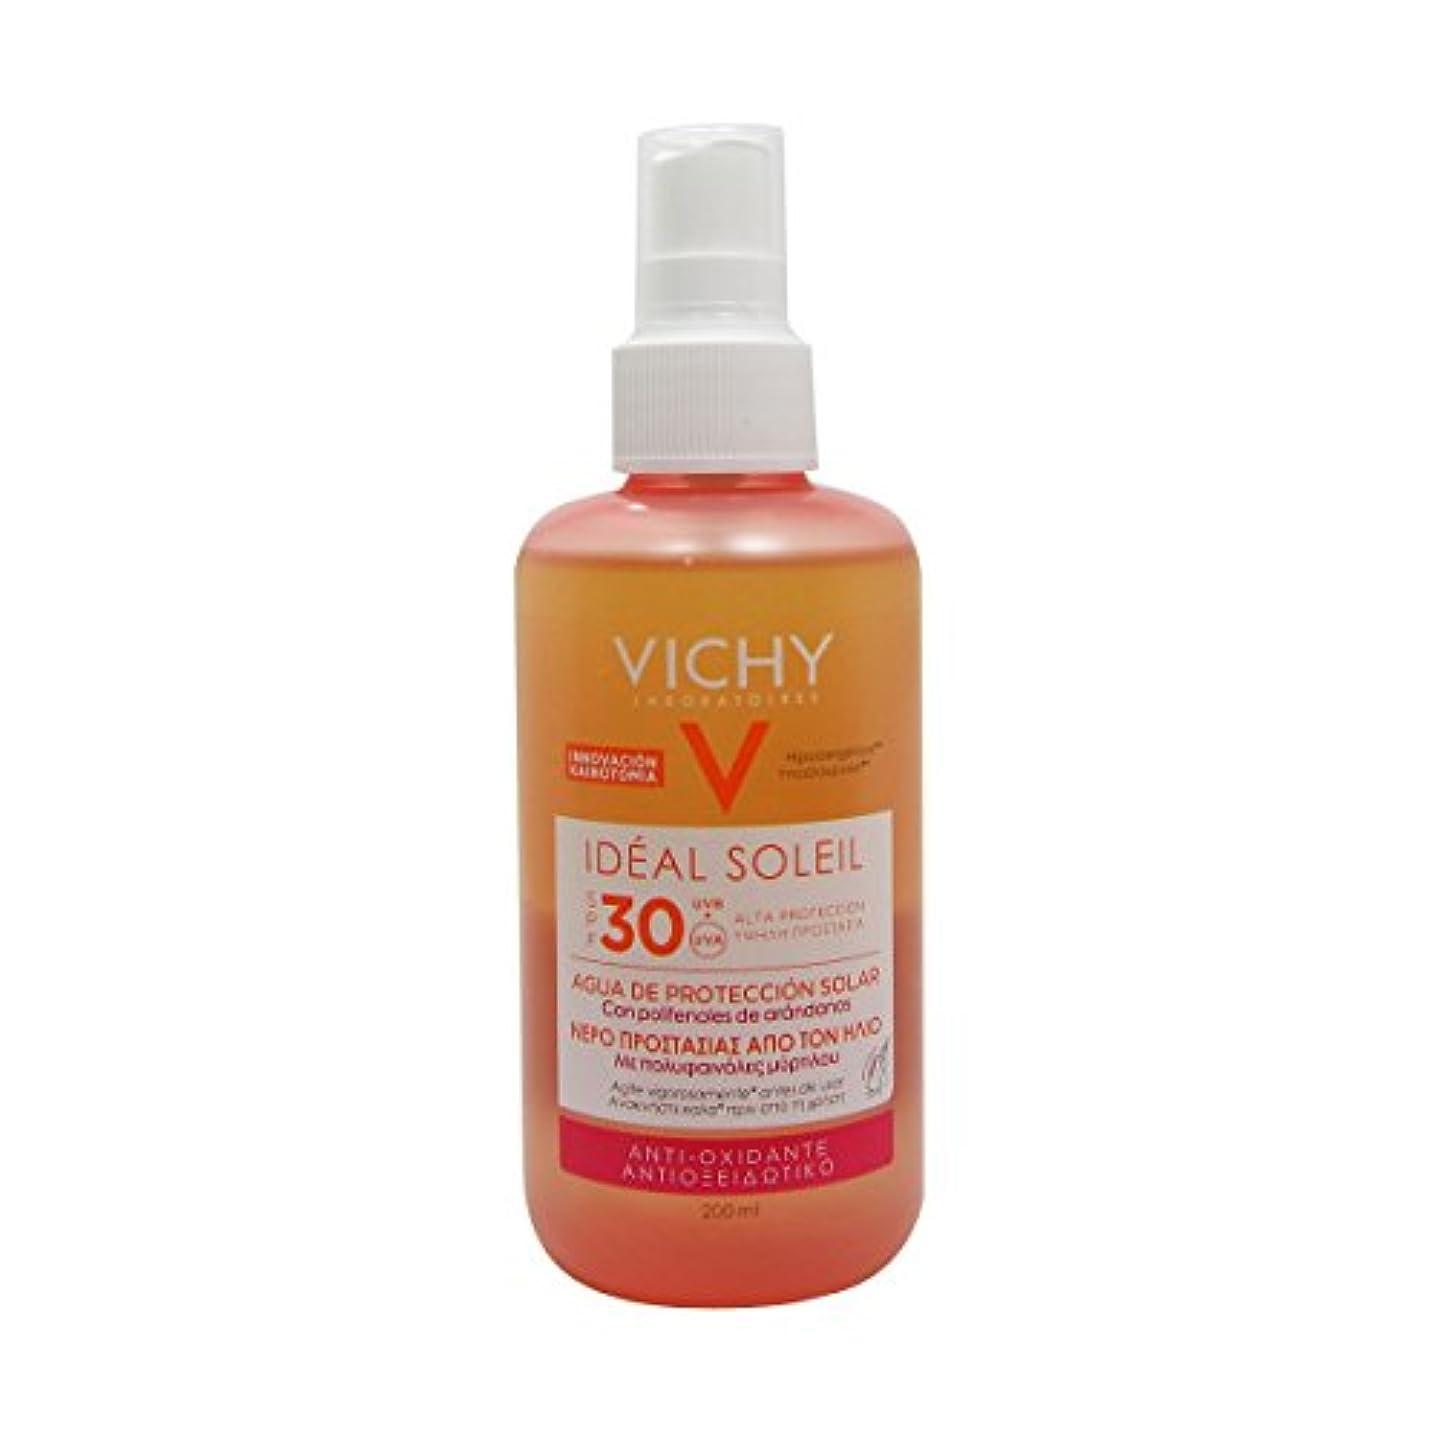 アーネストシャクルトン文句を言う平衡Vichy Ideal Soleil Fresh Water Sun Protection Spf30 200ml [並行輸入品]